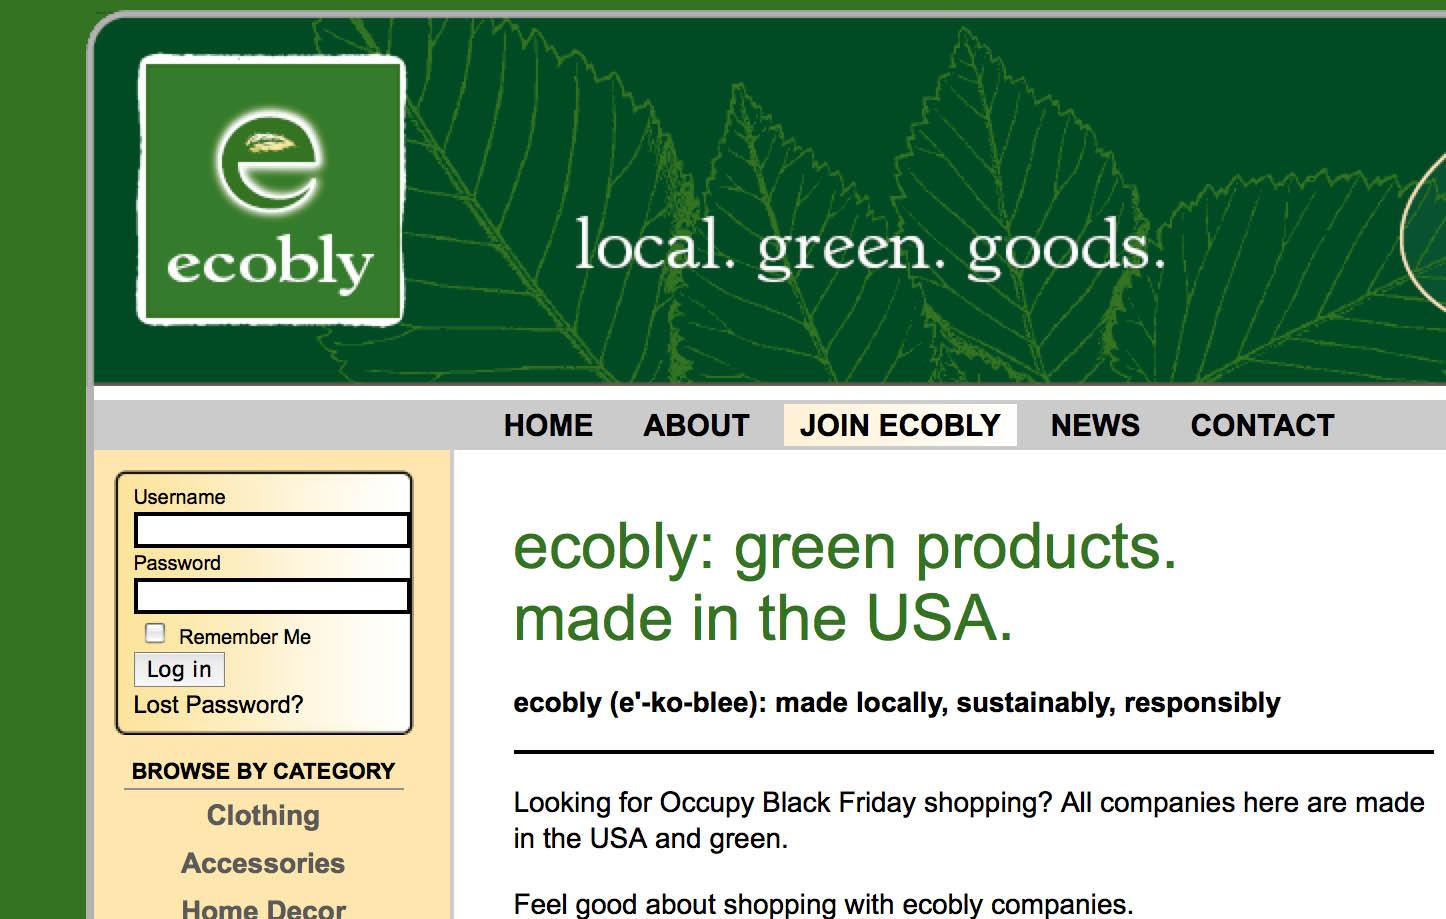 ecobly.com